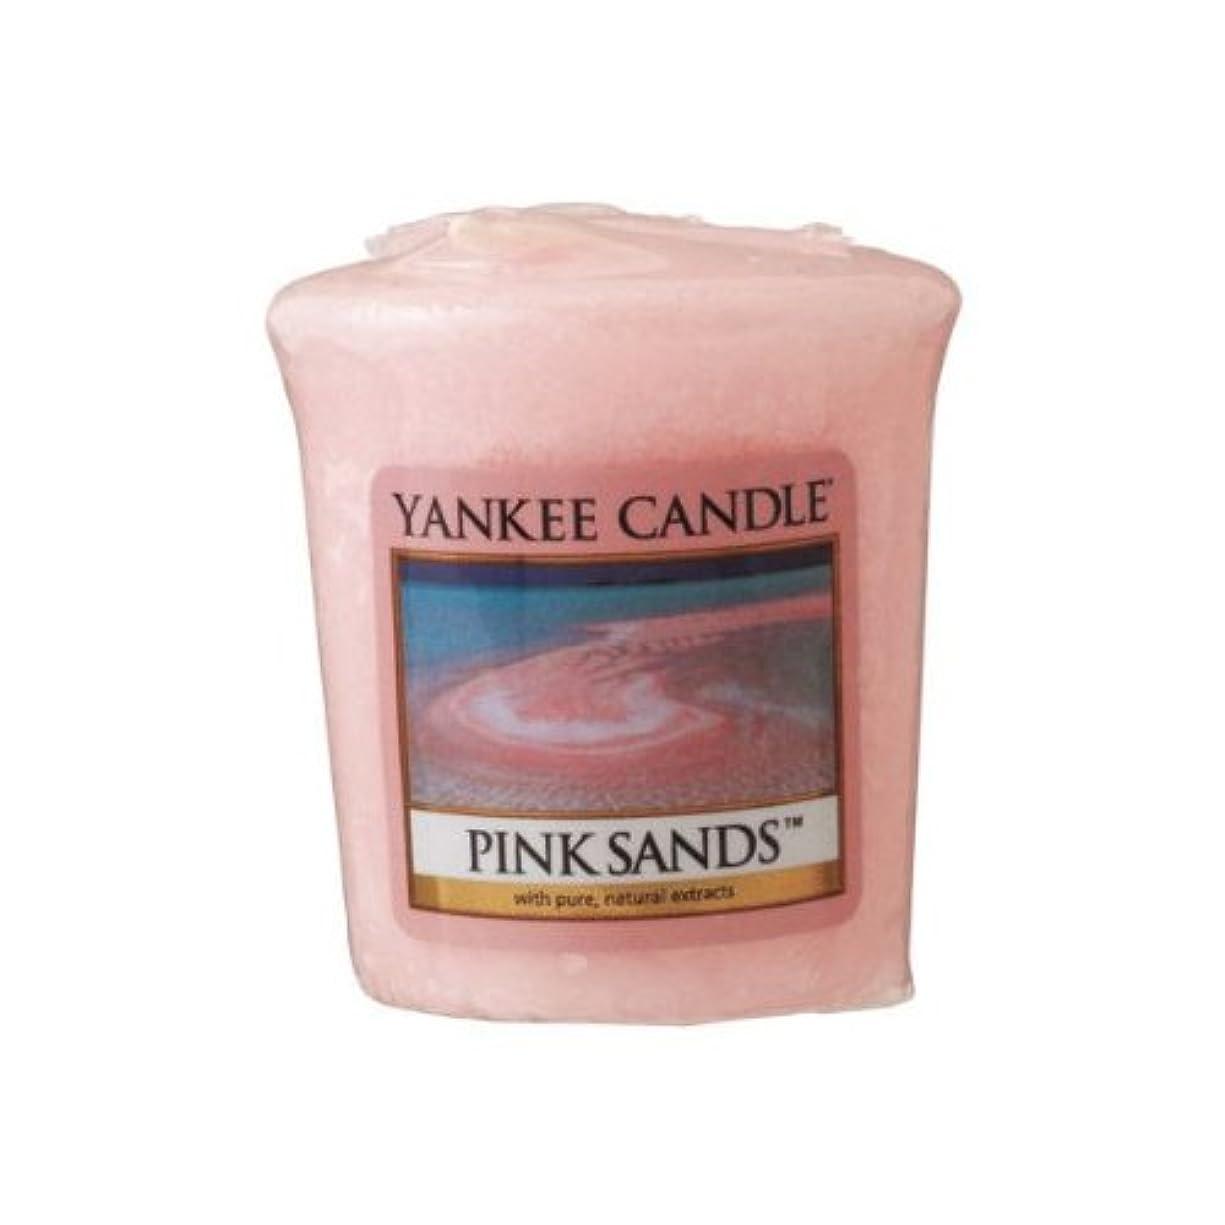 二次ドアミラー大学院YANKEE CANDLE(ヤンキーキャンドル) サンプラー ピンクサンド